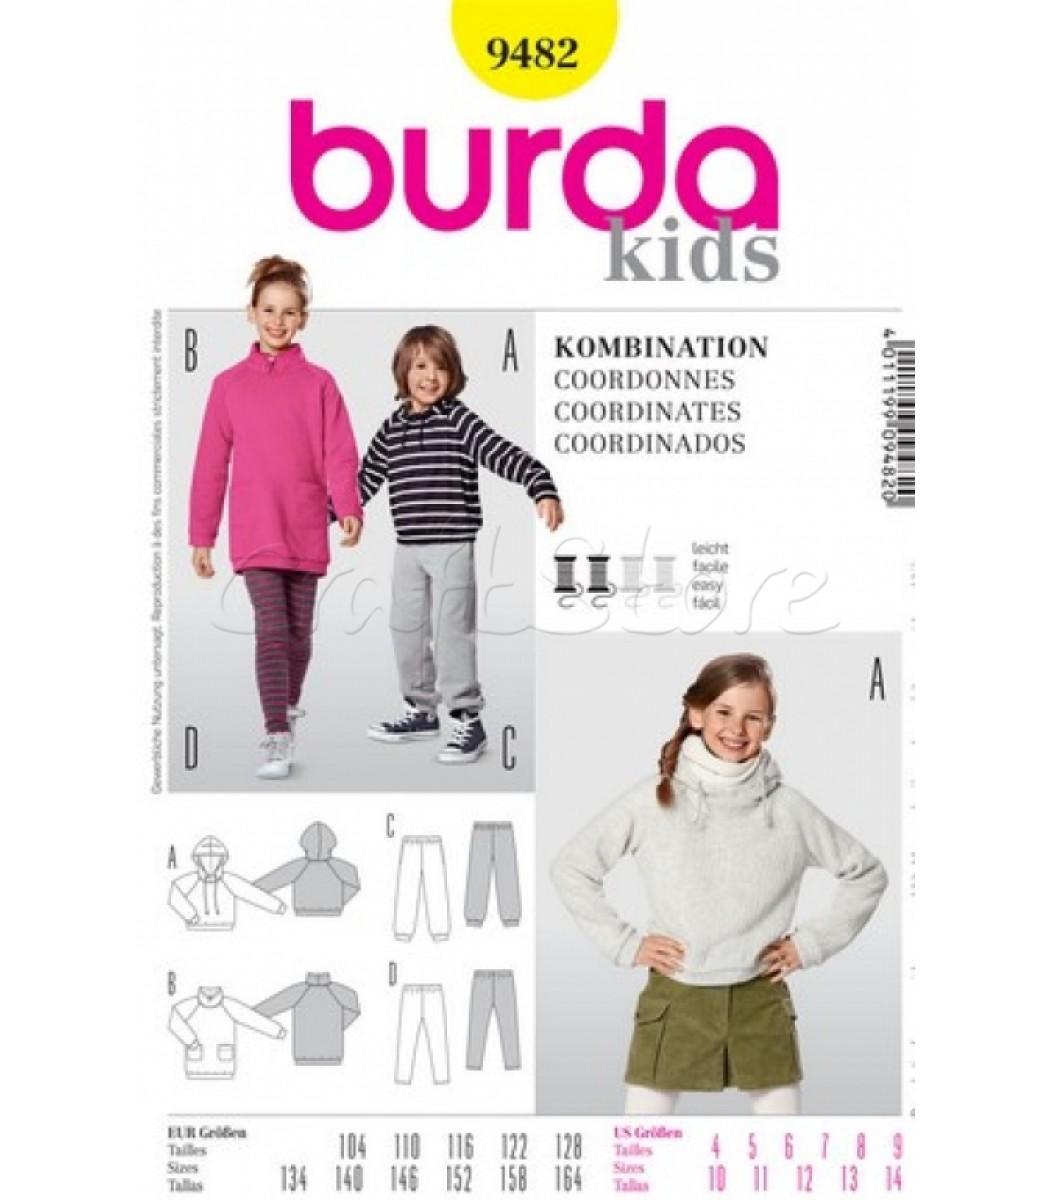 dc3db4aec54 Burda Πατρόν Παιδικά Φούτερ και Φόρμες 9482 | Ραπτική | Burda